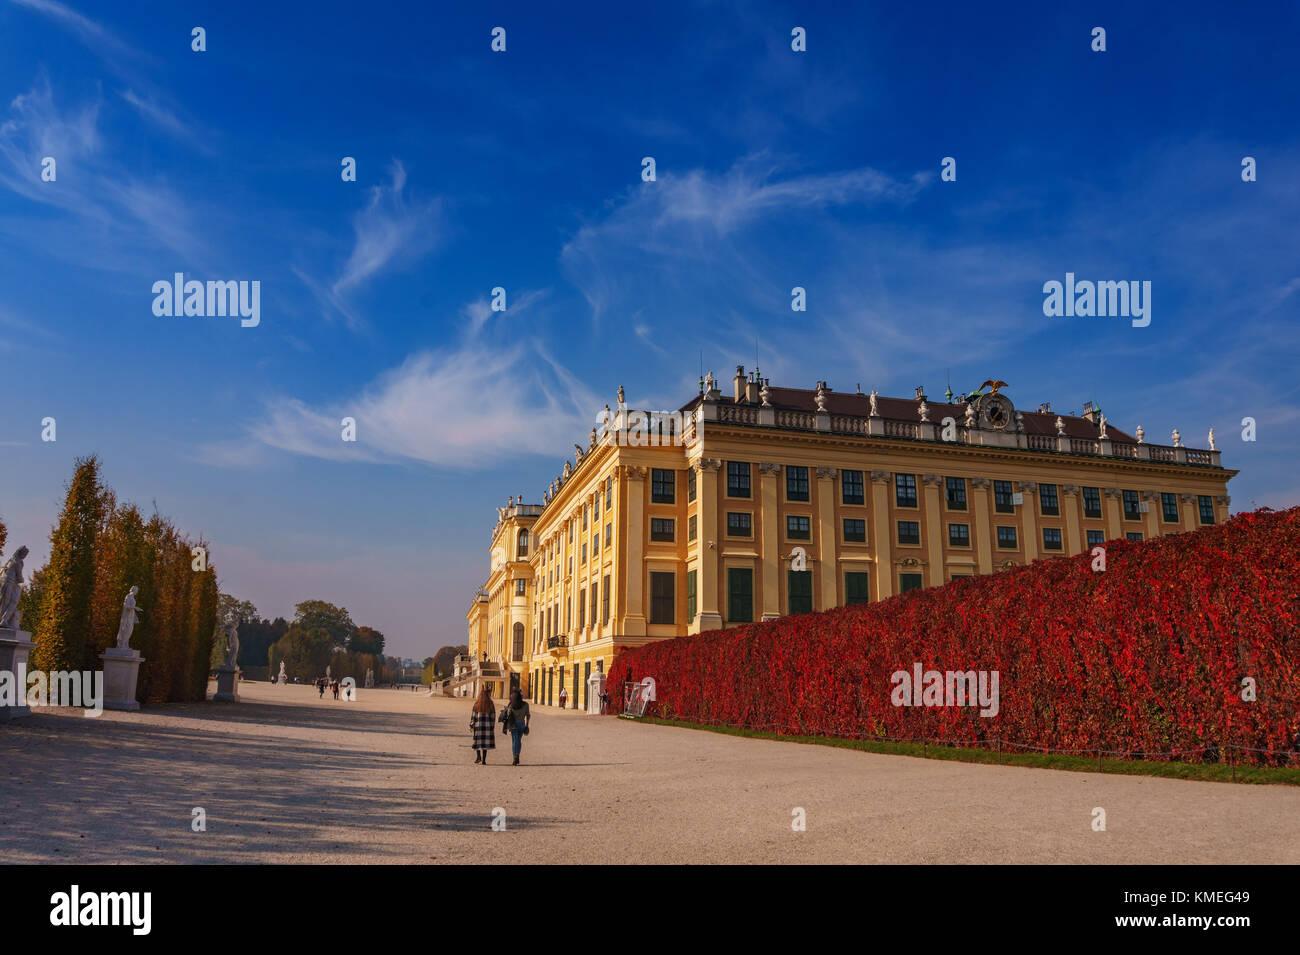 Il famoso Palazzo di Schonbrunn a Vienna in Austria, l'Europa. Immagini Stock